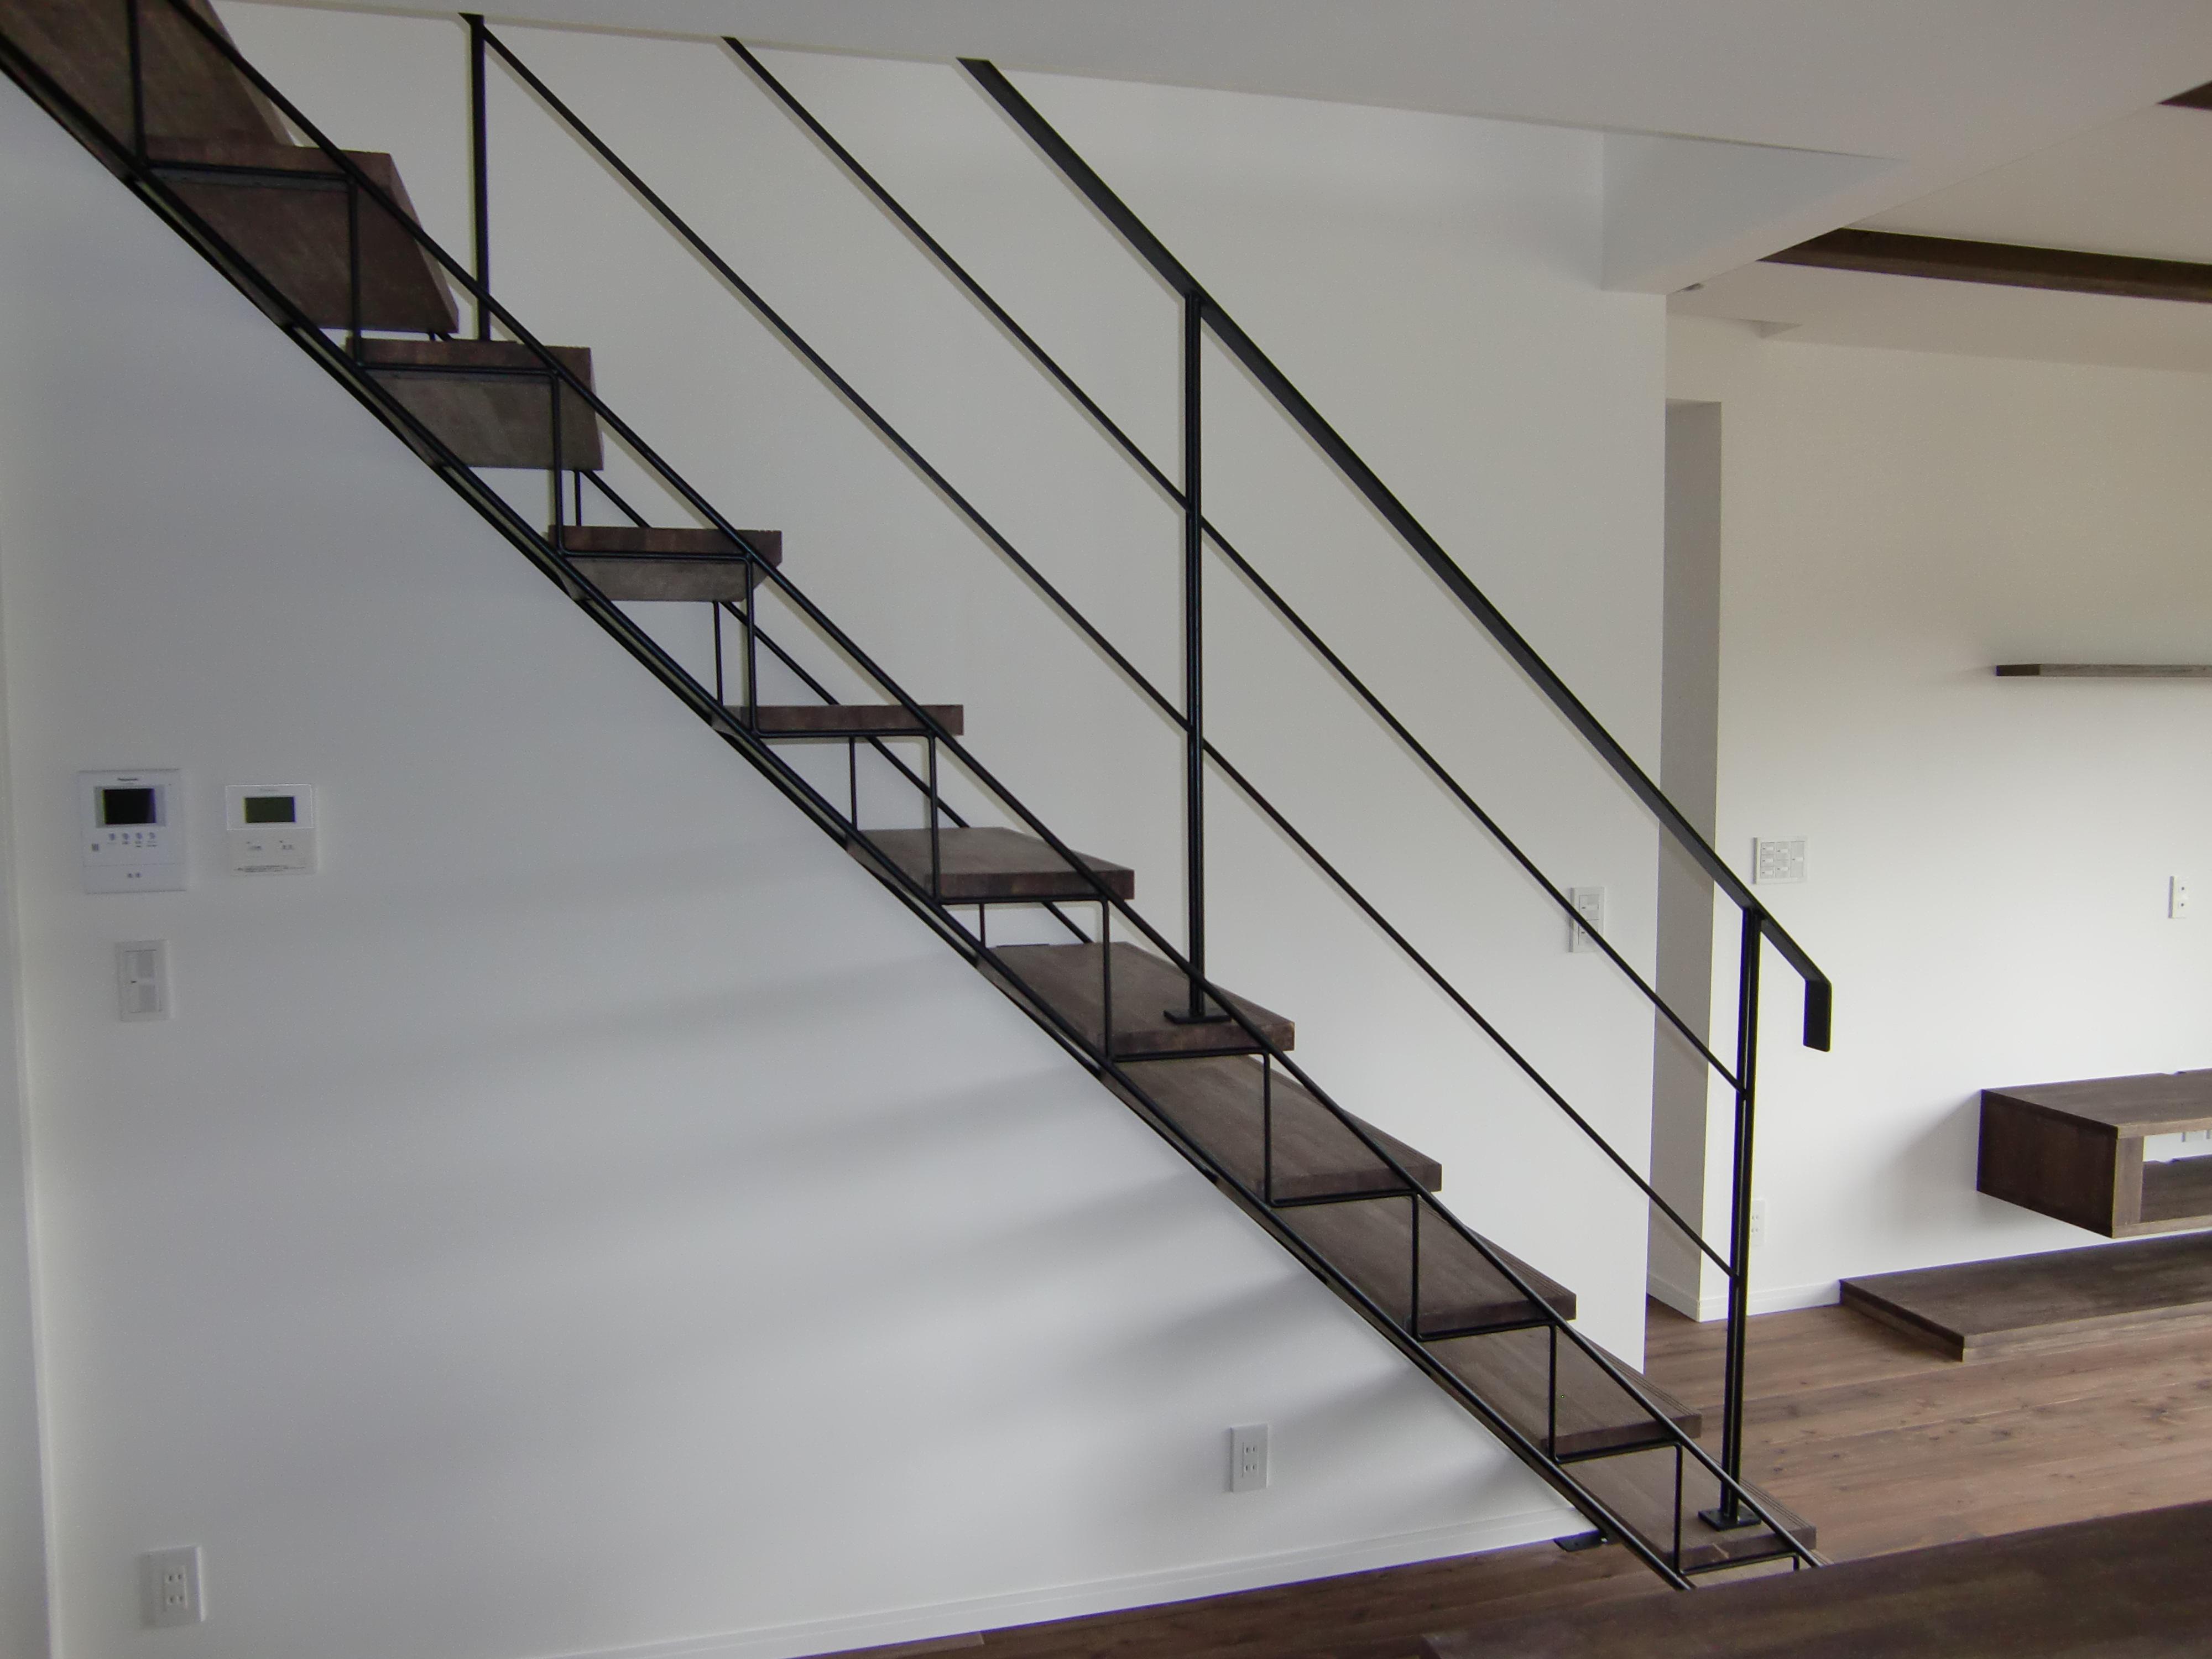 ラチス型デザイン鉄骨階段